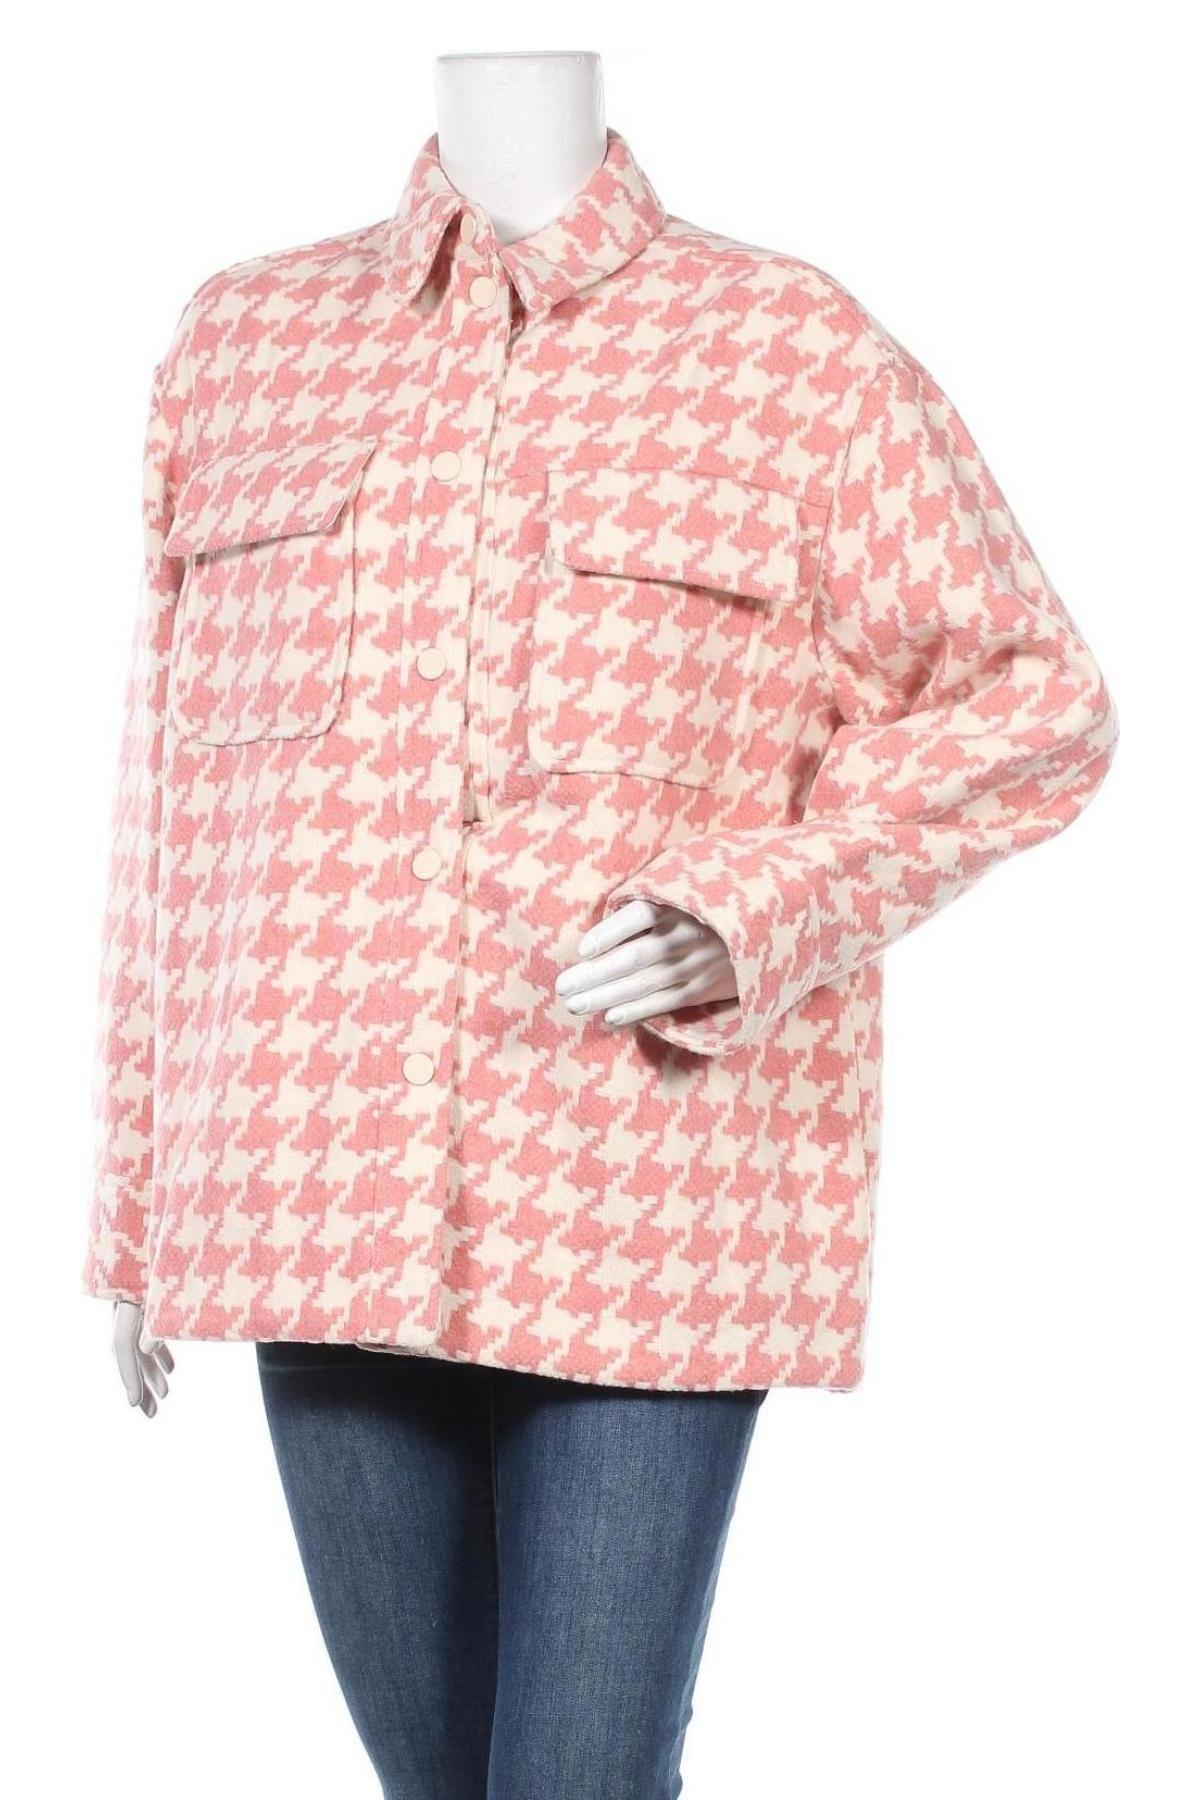 Дамско палто Edited, Размер L, Цвят Розов, 70% полиестер, 30% вълна, Цена 55,77лв.